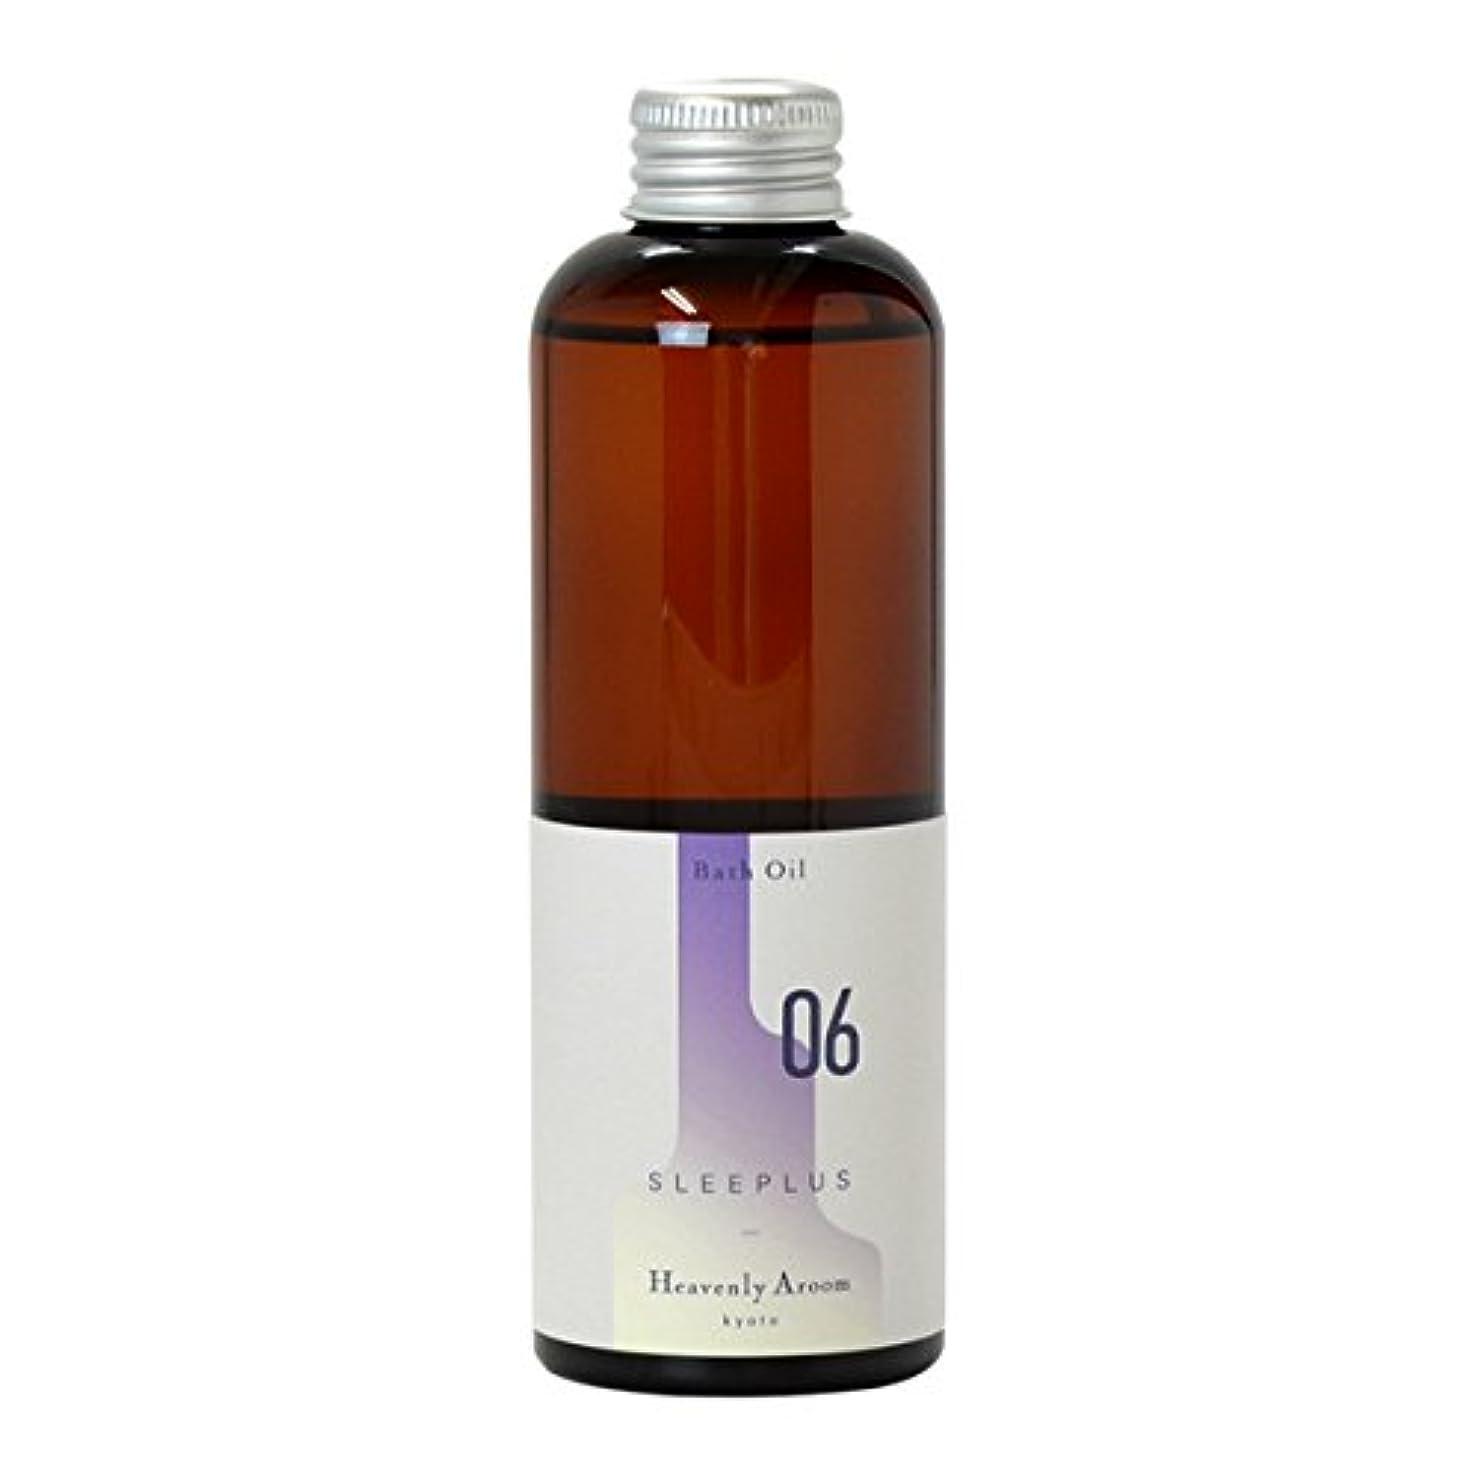 分離する爵一般的にHeavenly Aroom バスオイル SLEEPLUS 06 ラベンダーバニラ 200ml